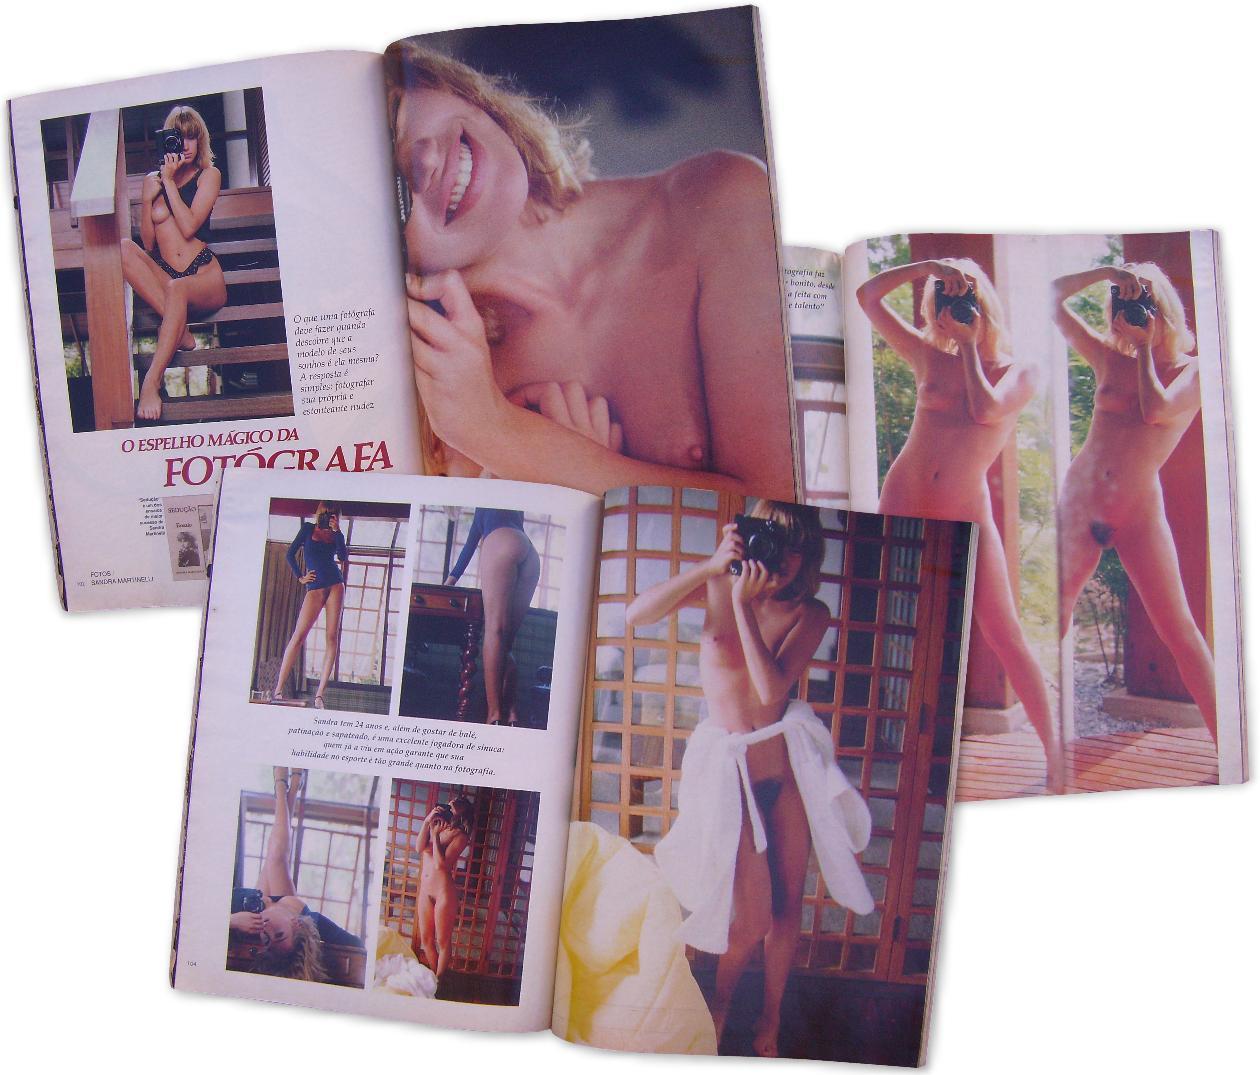 http://1.bp.blogspot.com/_xRjmifkjU9c/S_WMPG9FLrI/AAAAAAAAFsE/nXxWi1QVIwM/s1600/sandramartinelli.JPG